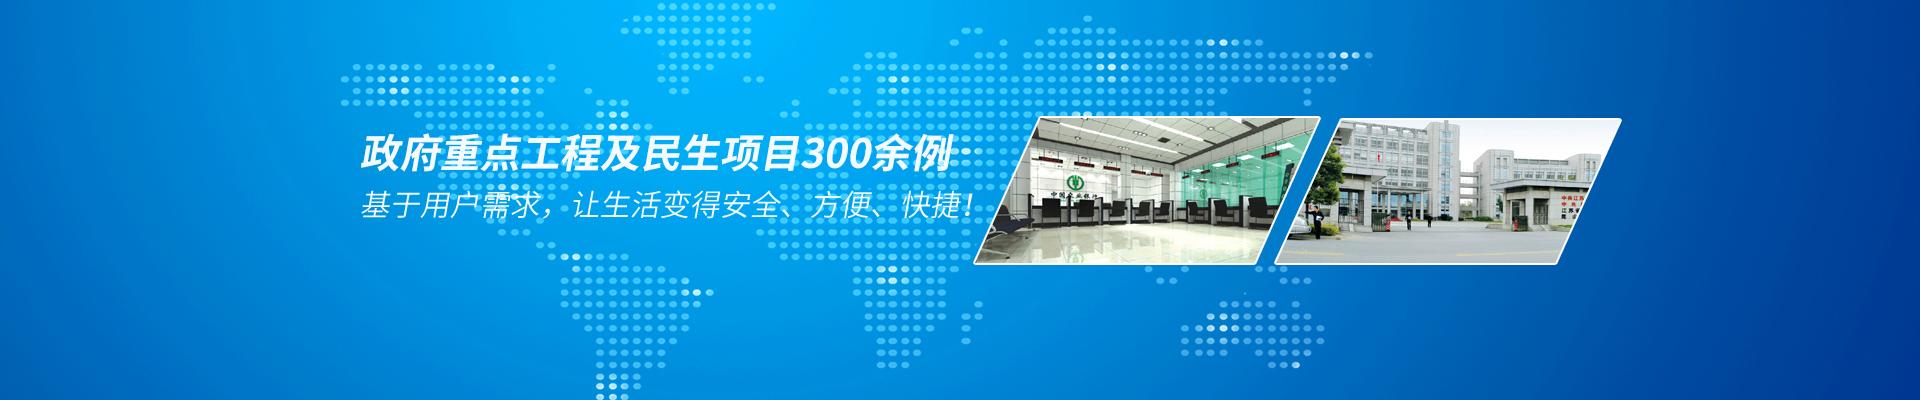 工程案例-政府重点工程及民生项目300余例